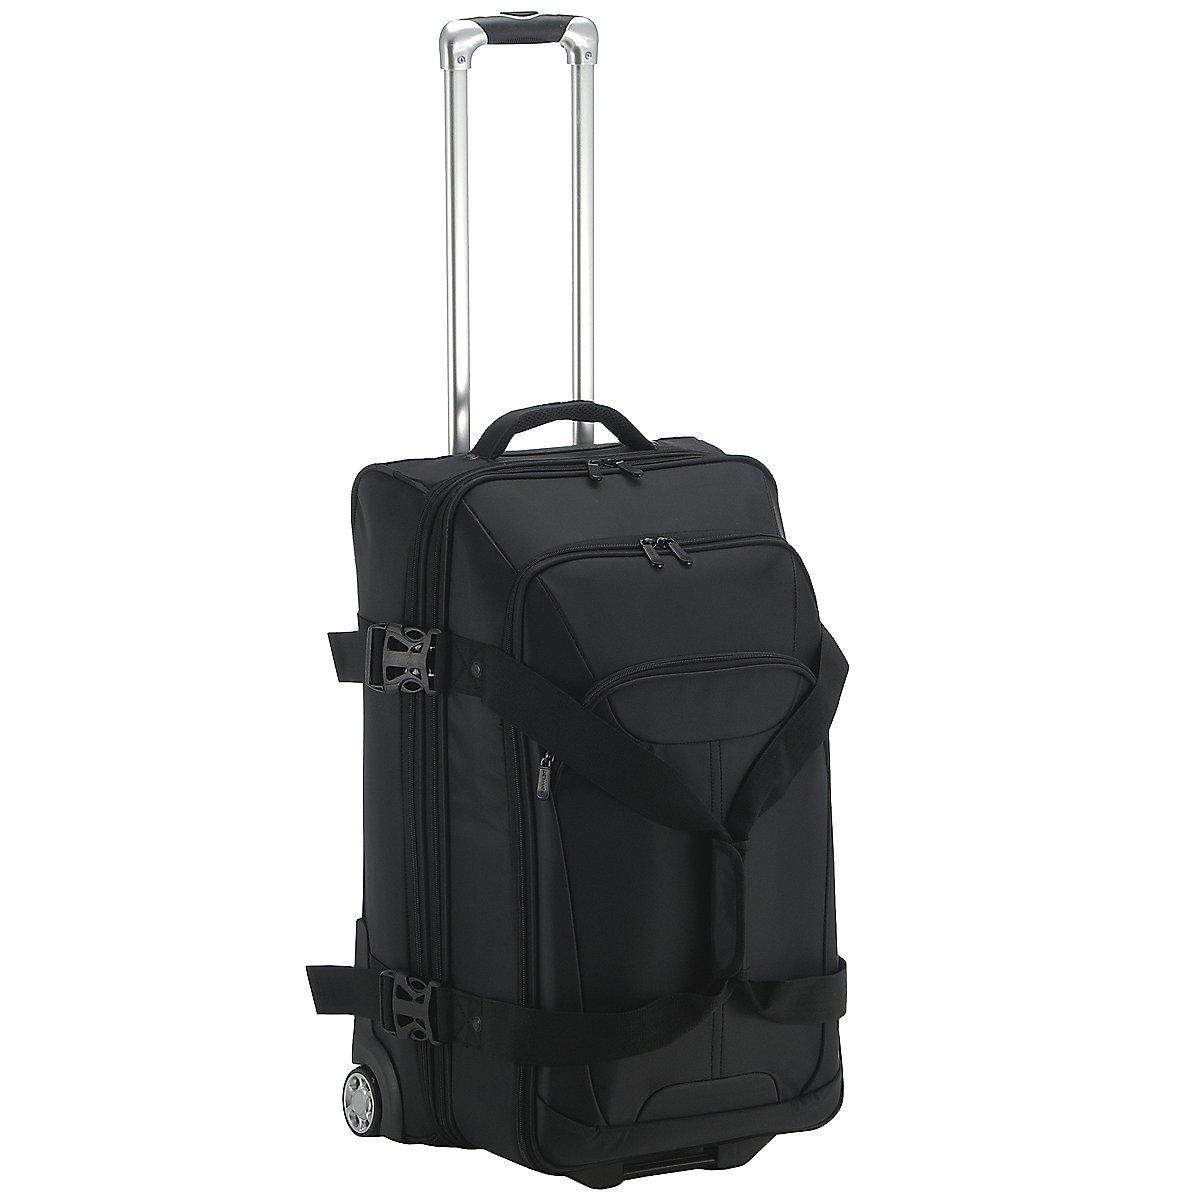 dermata reise doppeldecker reisetasche auf rollen 66 cm. Black Bedroom Furniture Sets. Home Design Ideas